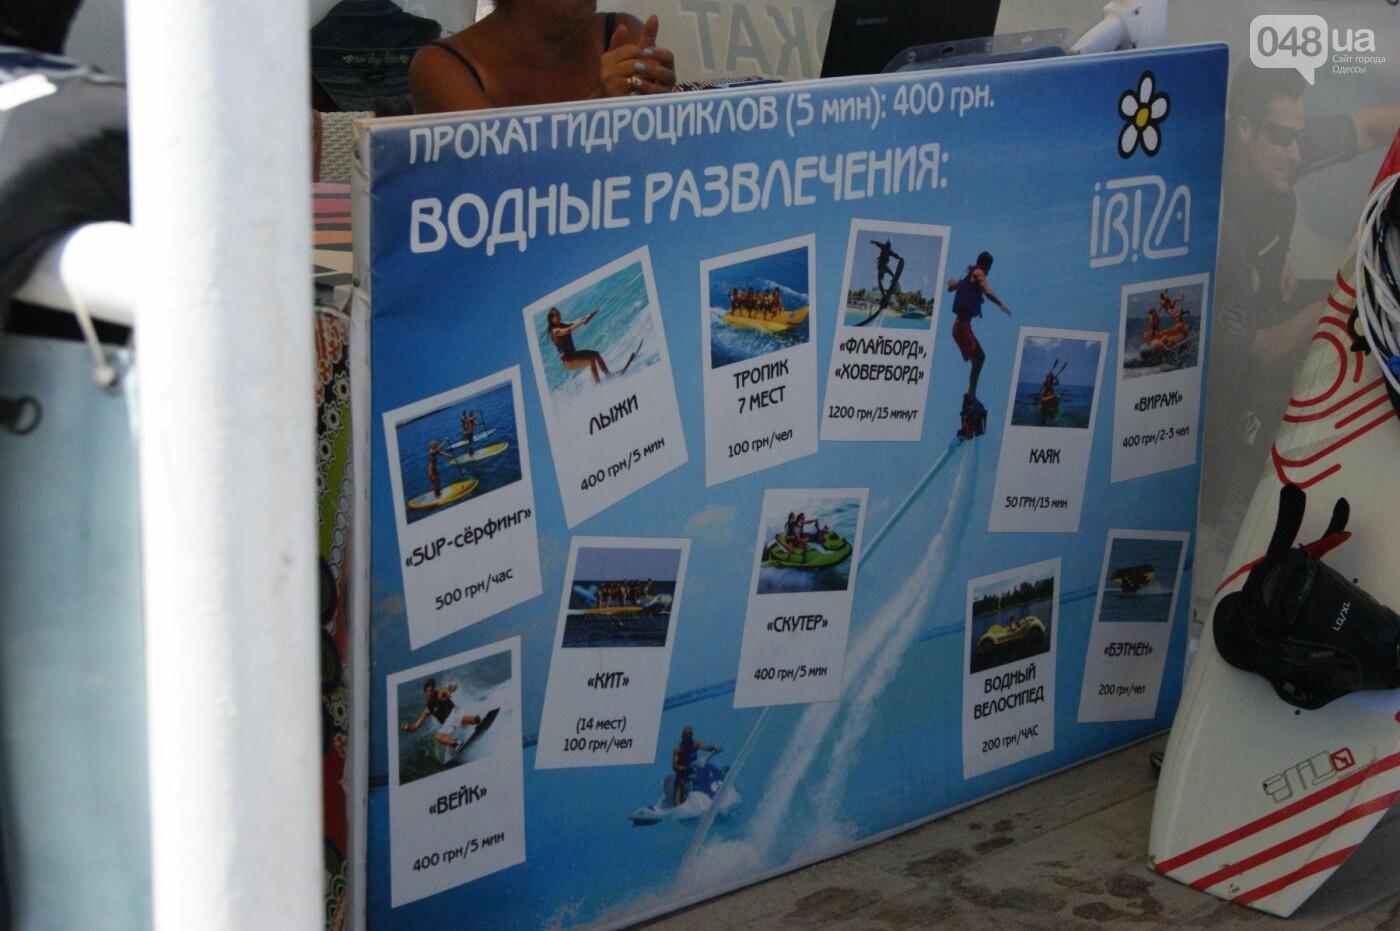 Неприличная Аркадия: что и почем на самом пафосном курорте Одессы, - ФОТОРЕПОРТАЖ, фото-9